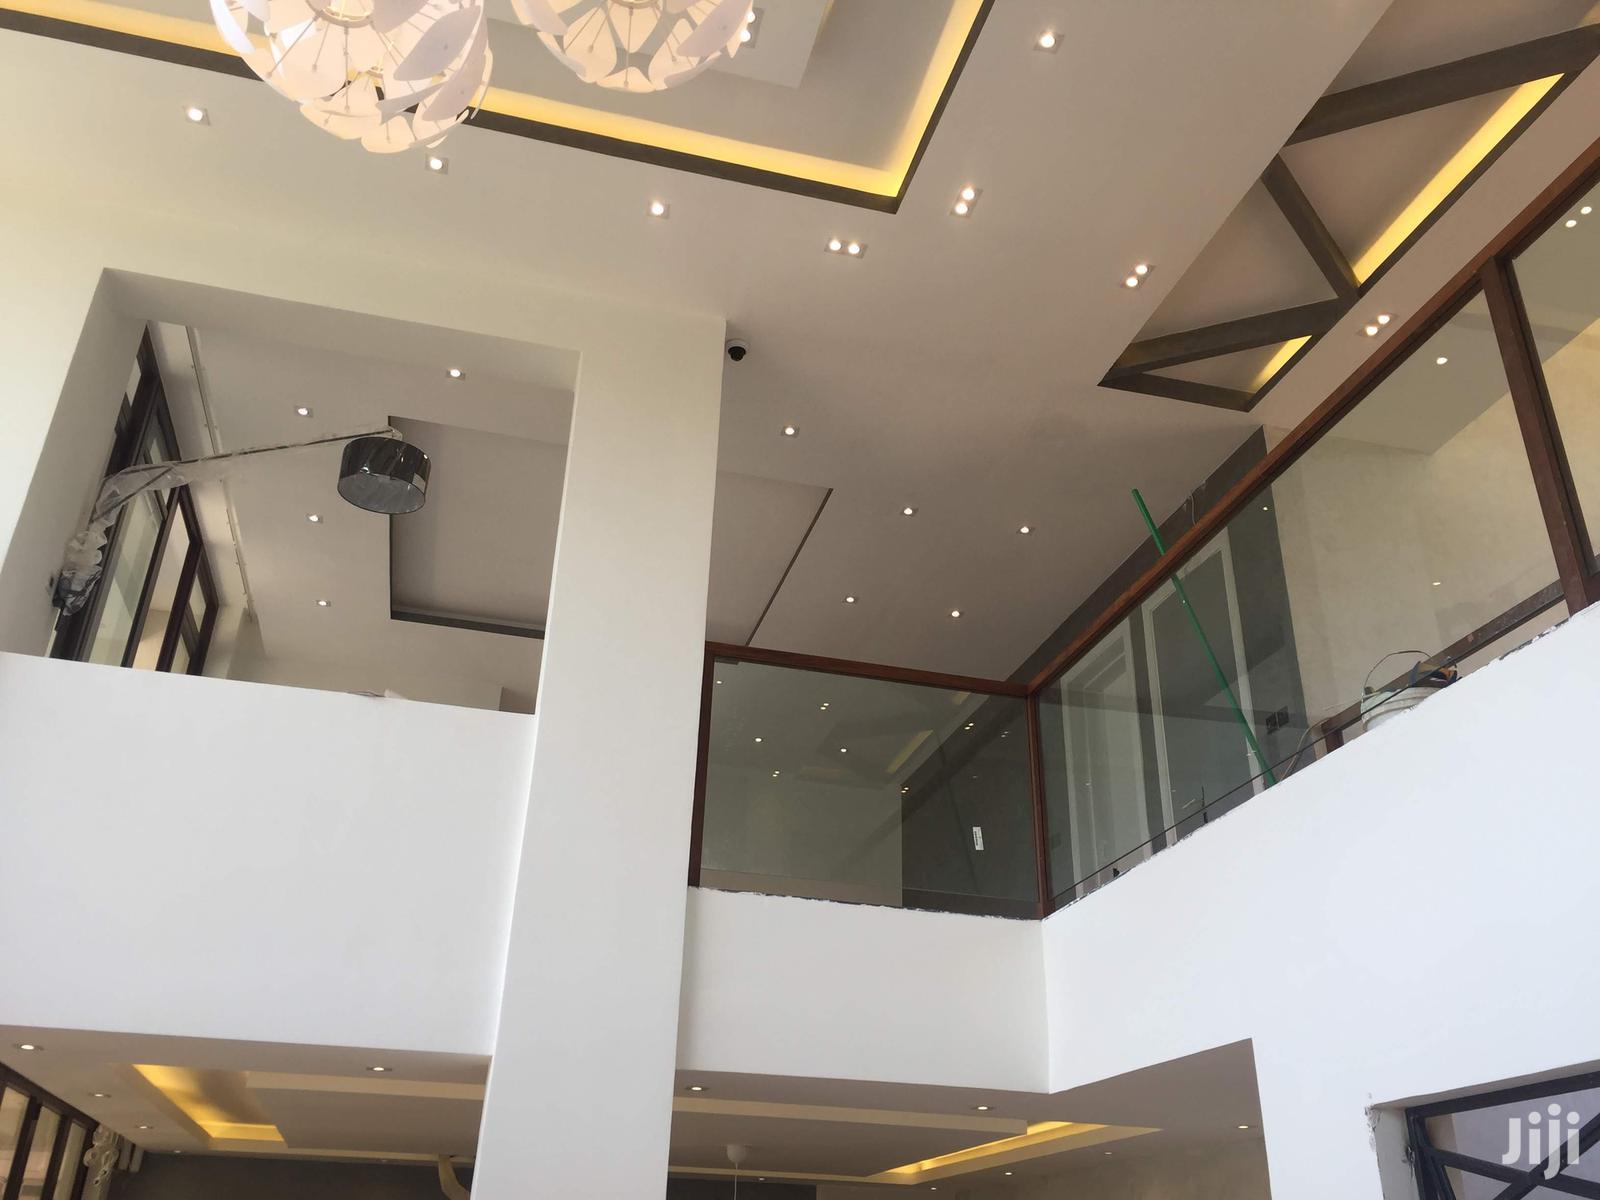 Gypsum Ceiling - All Interiors